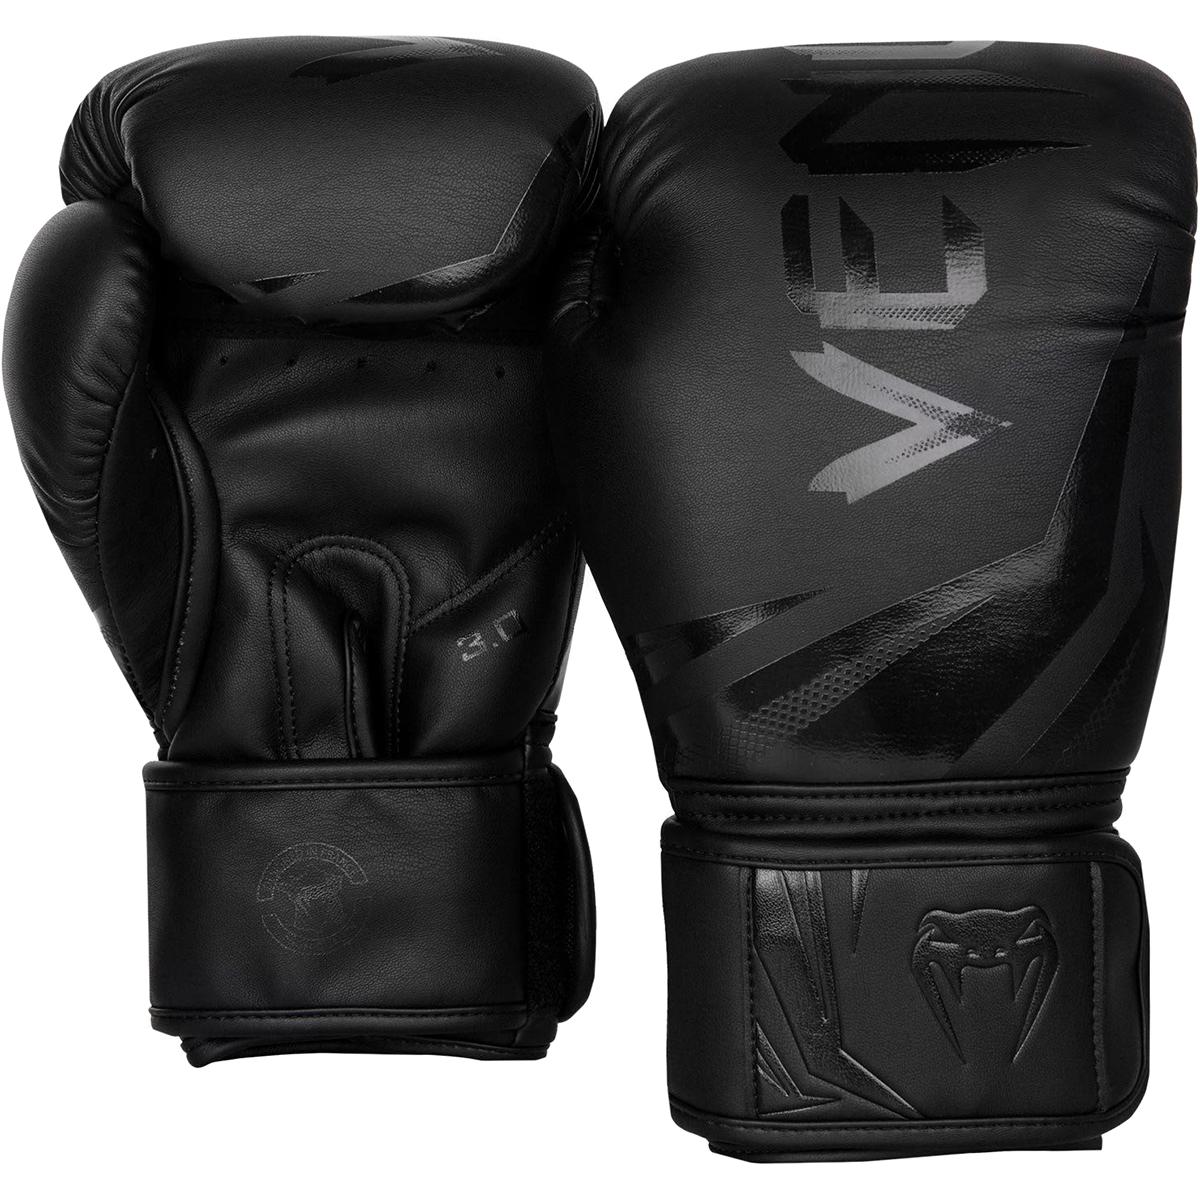 Venum Challenger 3.0 Boxing Gloves Navy Blue//White